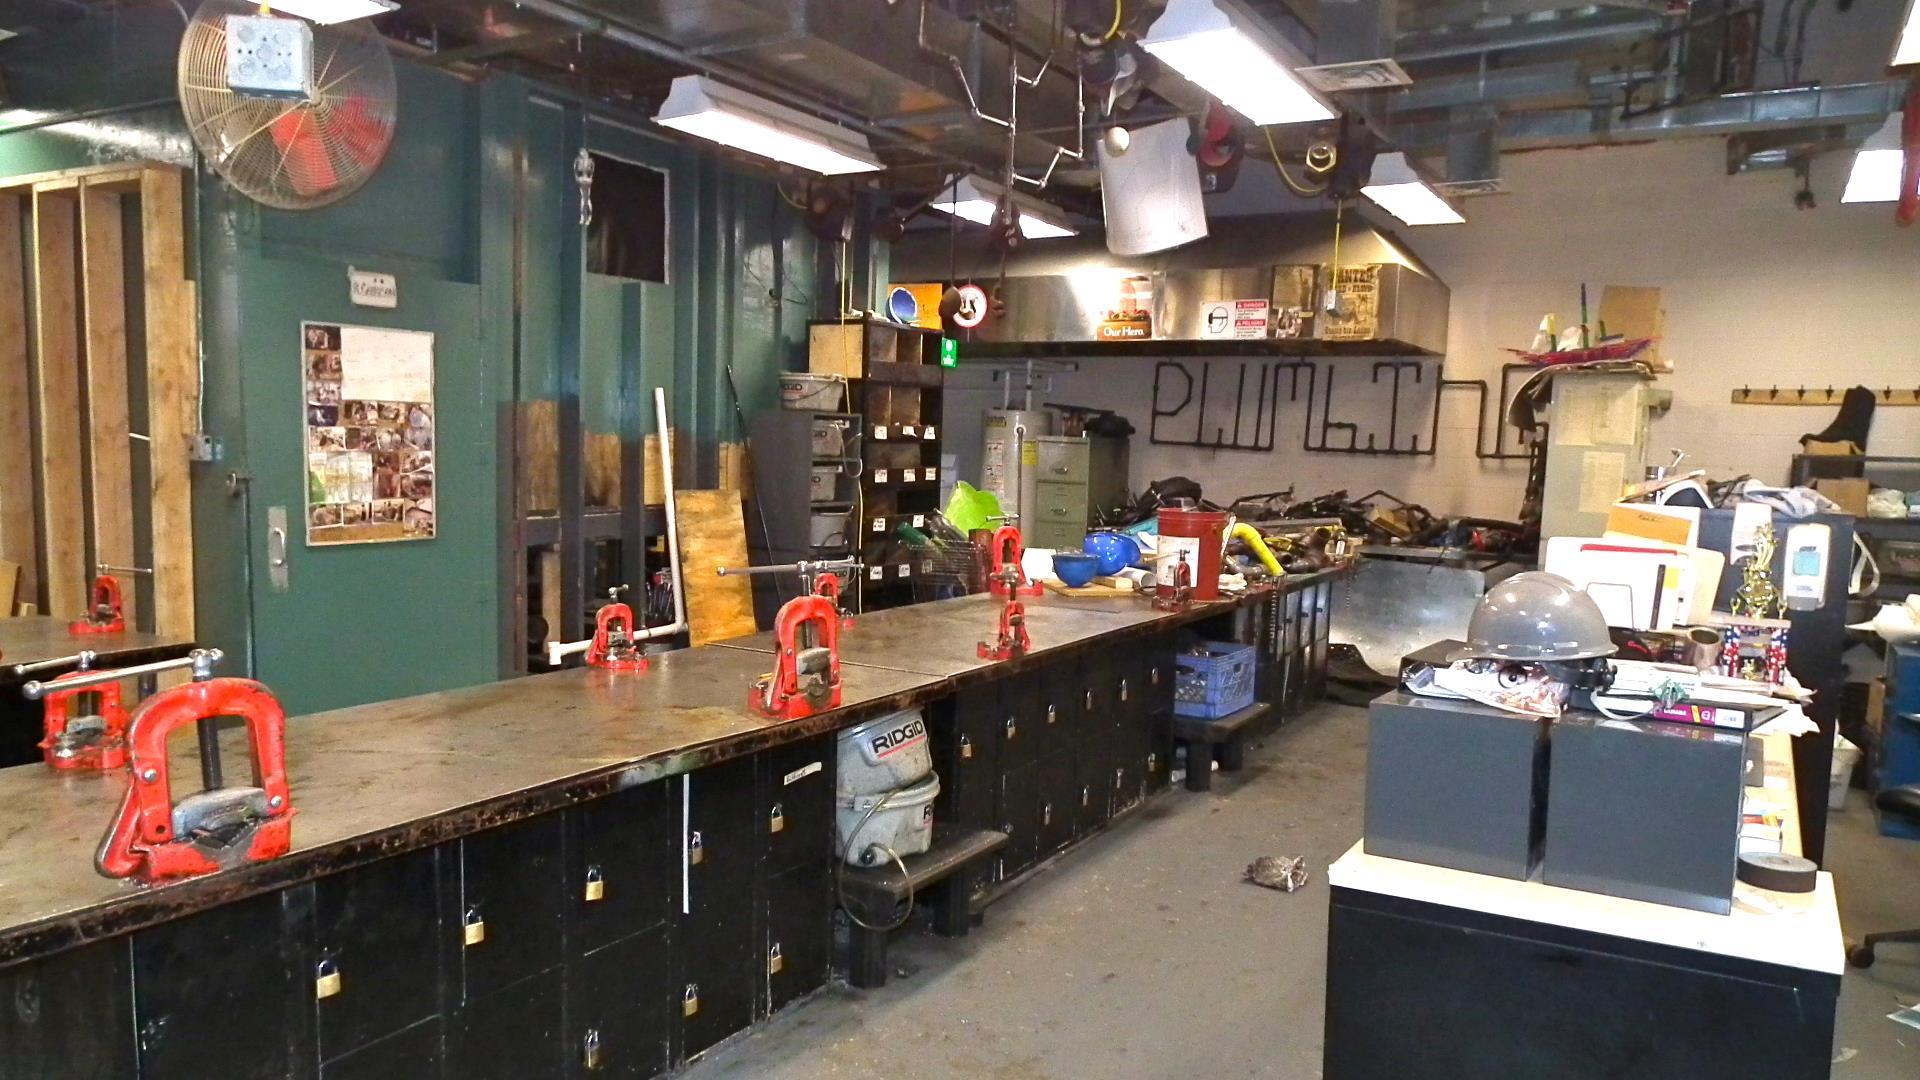 Plumbing laboratory